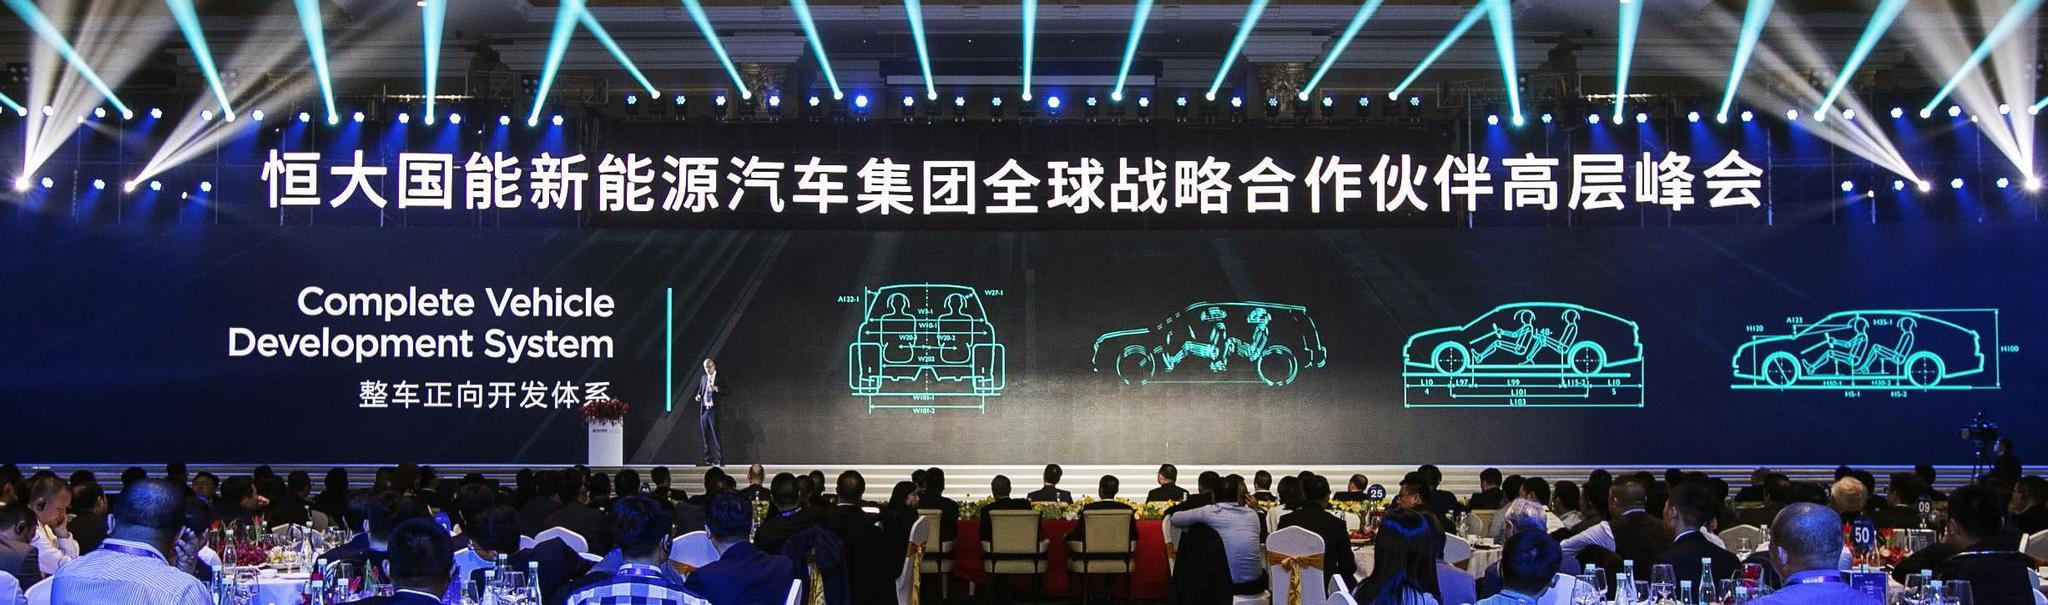 恒大造车按下加速键   首款车型6月投产